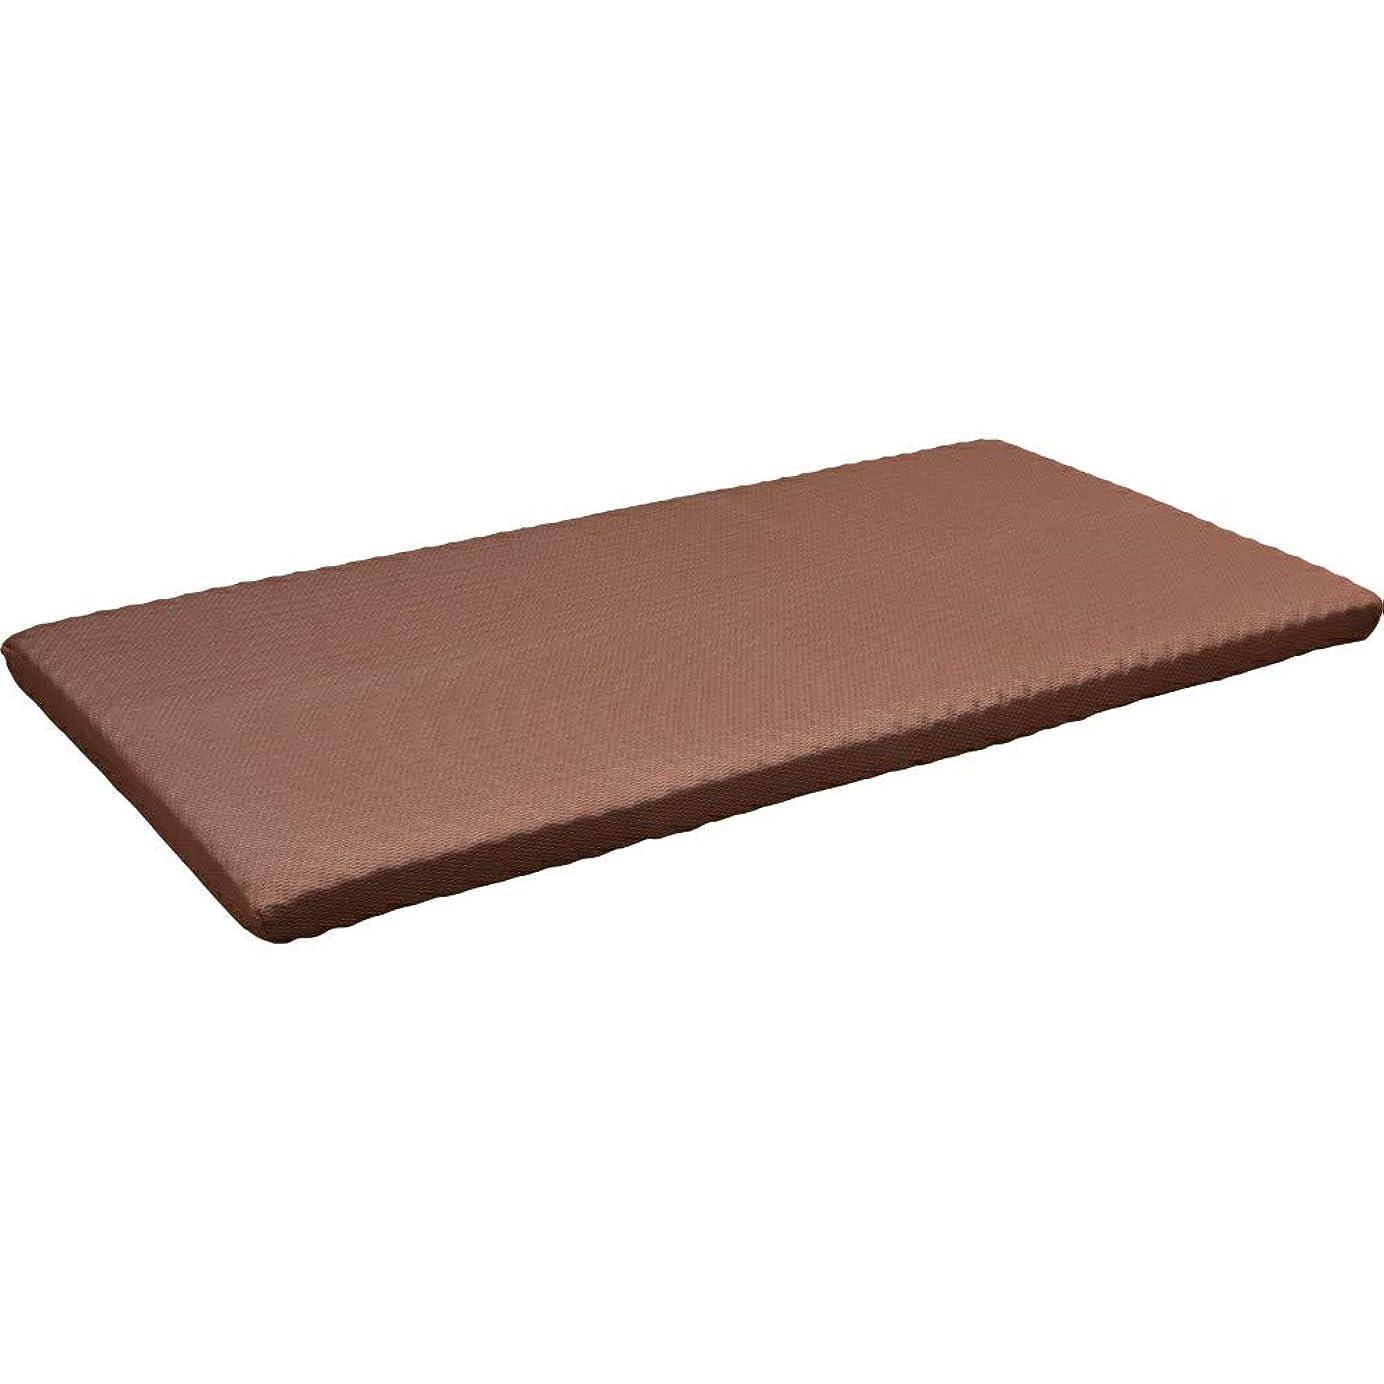 咲く季節活発アイリスプラザ マットレス ブラウン 厚さ 10cm 高反発 ウレタン 厚さ10cm 硬め 123